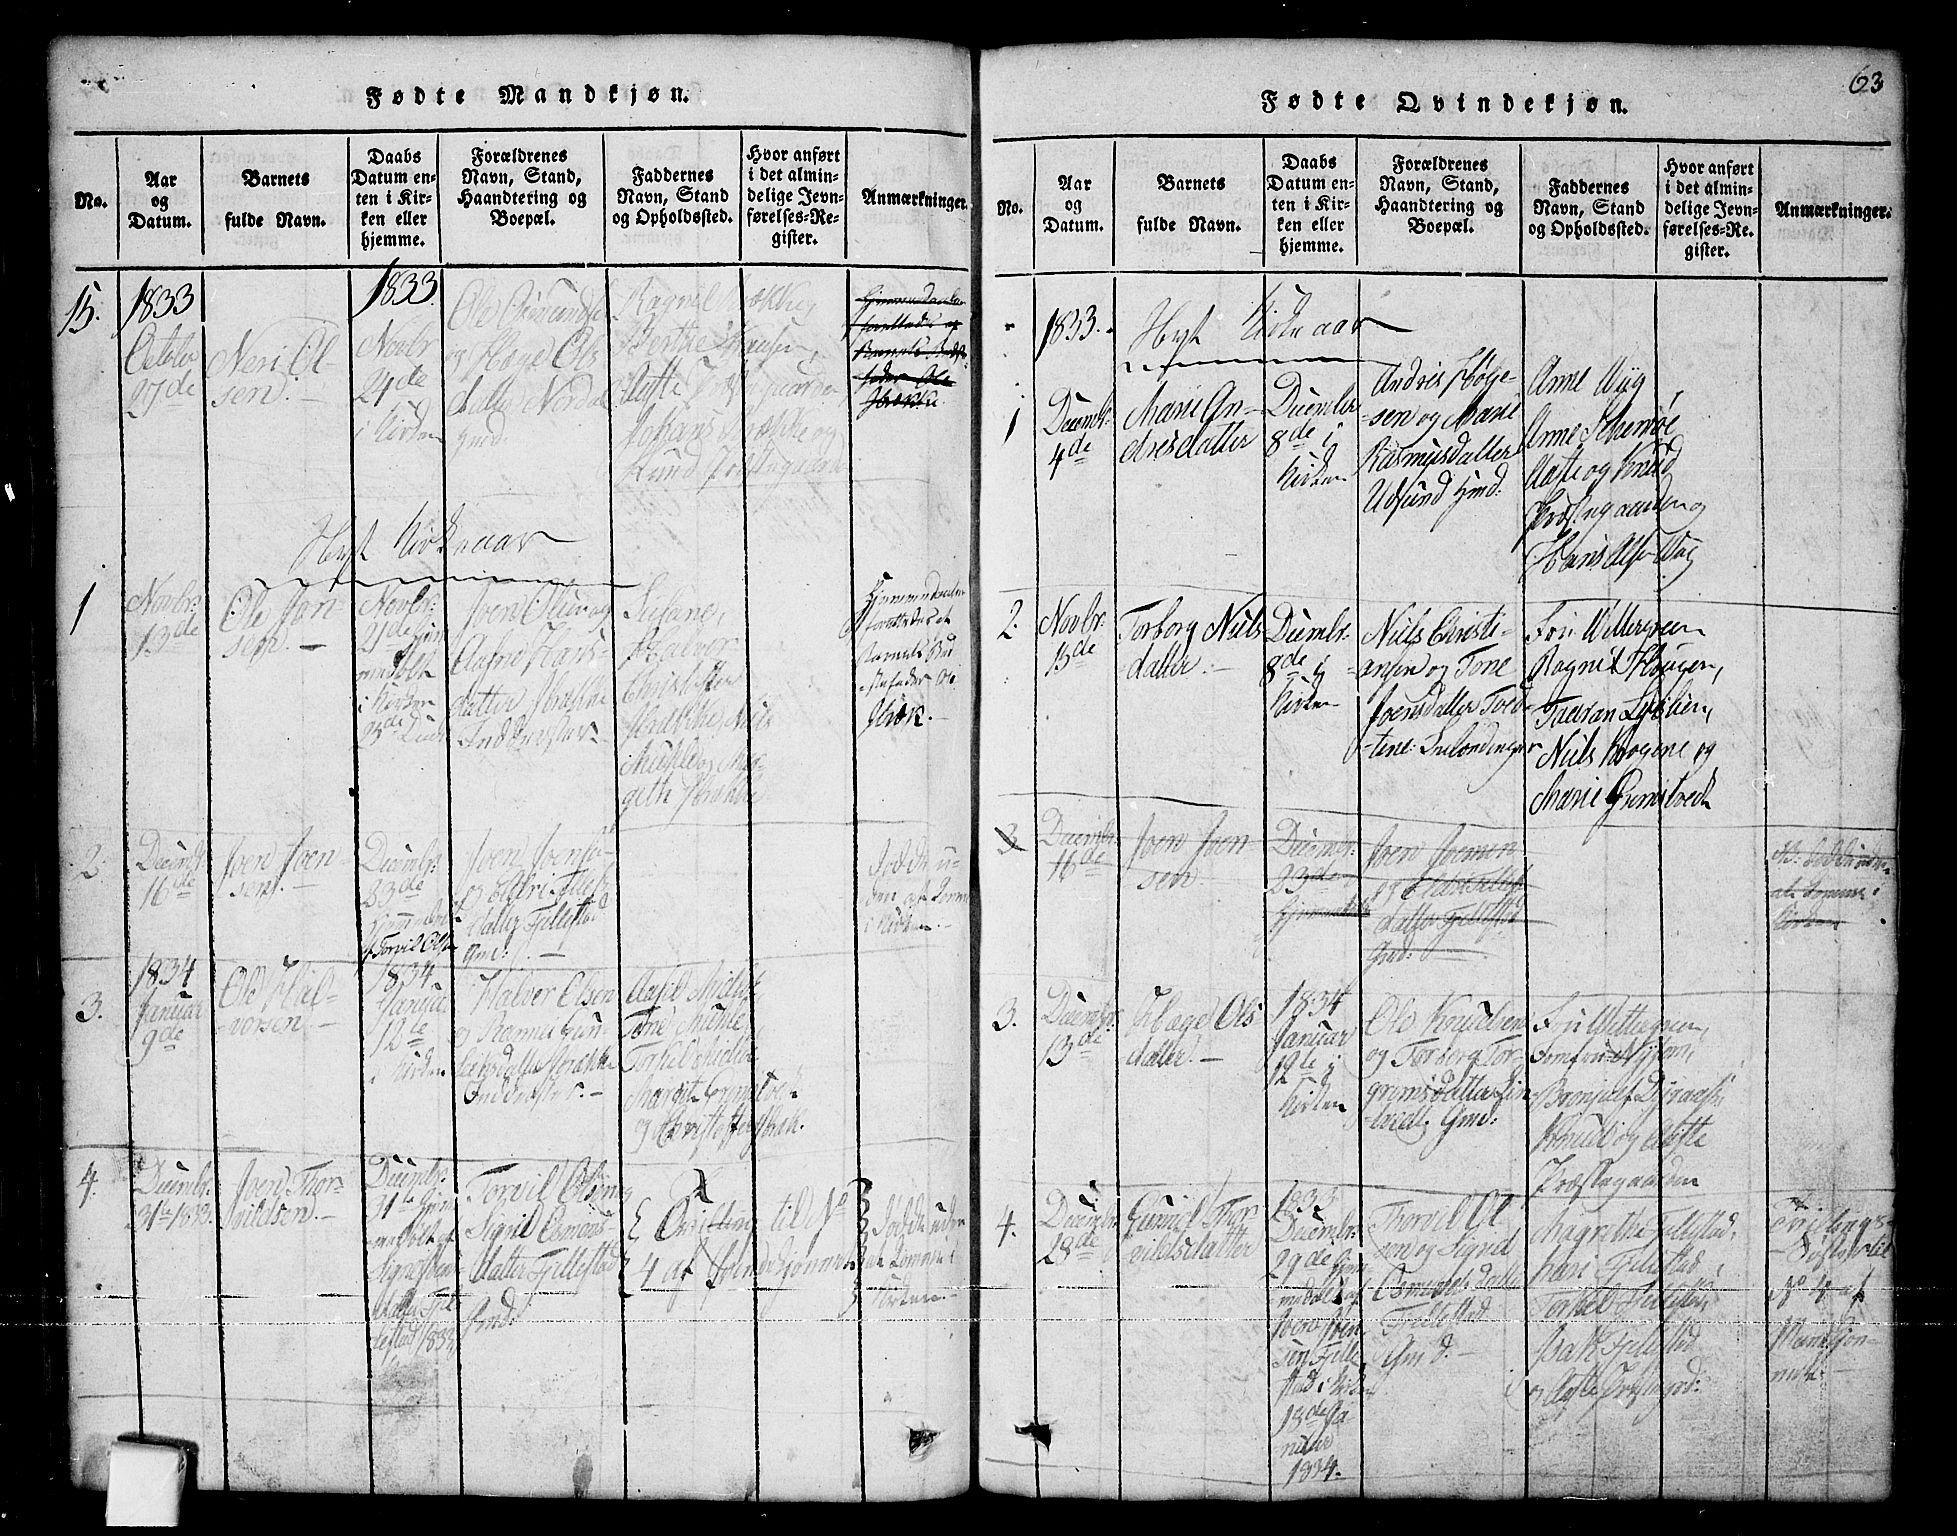 SAKO, Nissedal kirkebøker, G/Ga/L0001: Klokkerbok nr. I 1, 1814-1860, s. 63